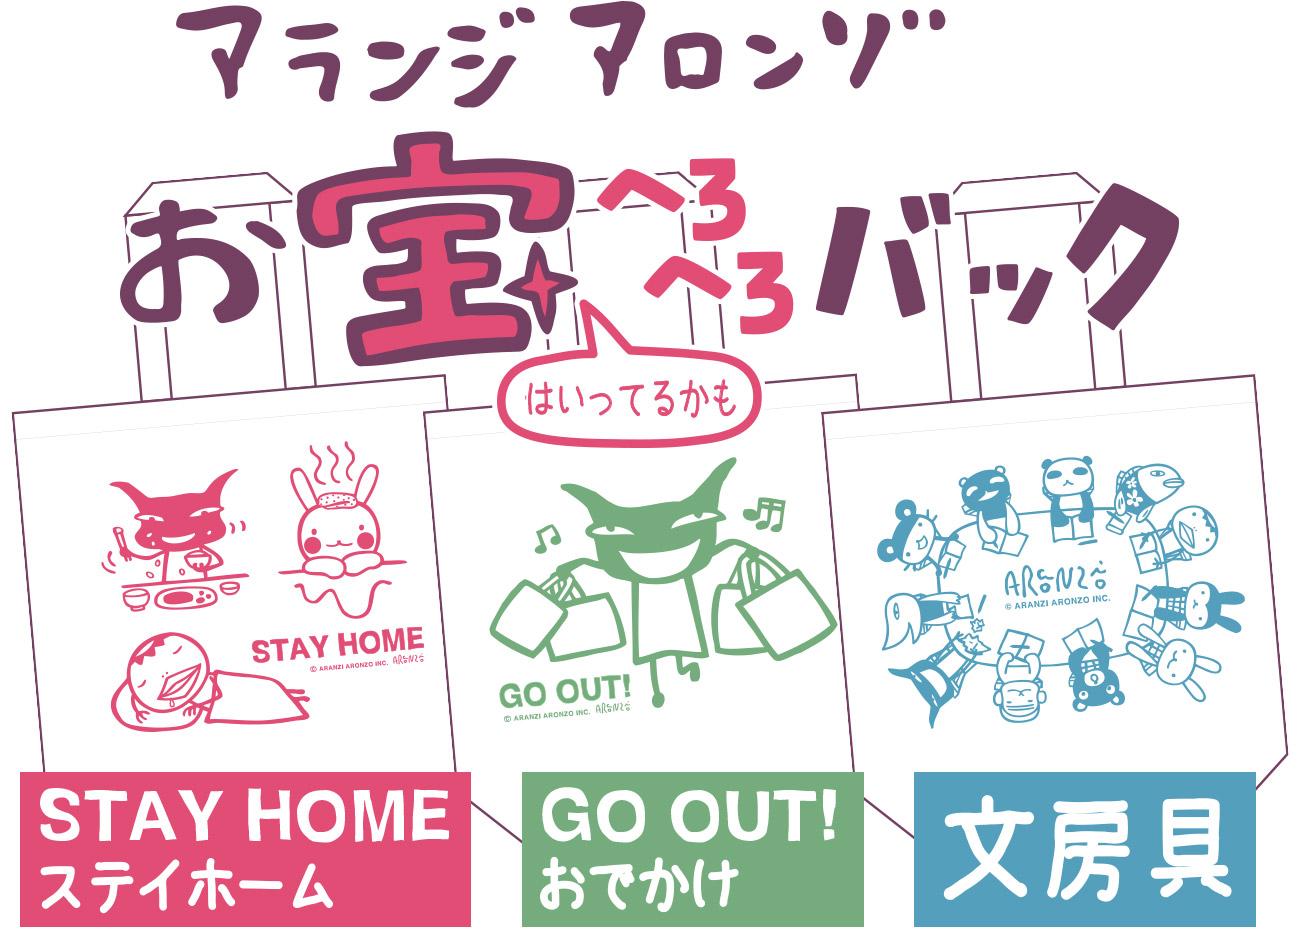 <東京>JR東日本東京駅構内 丸の内地下南口改札付近